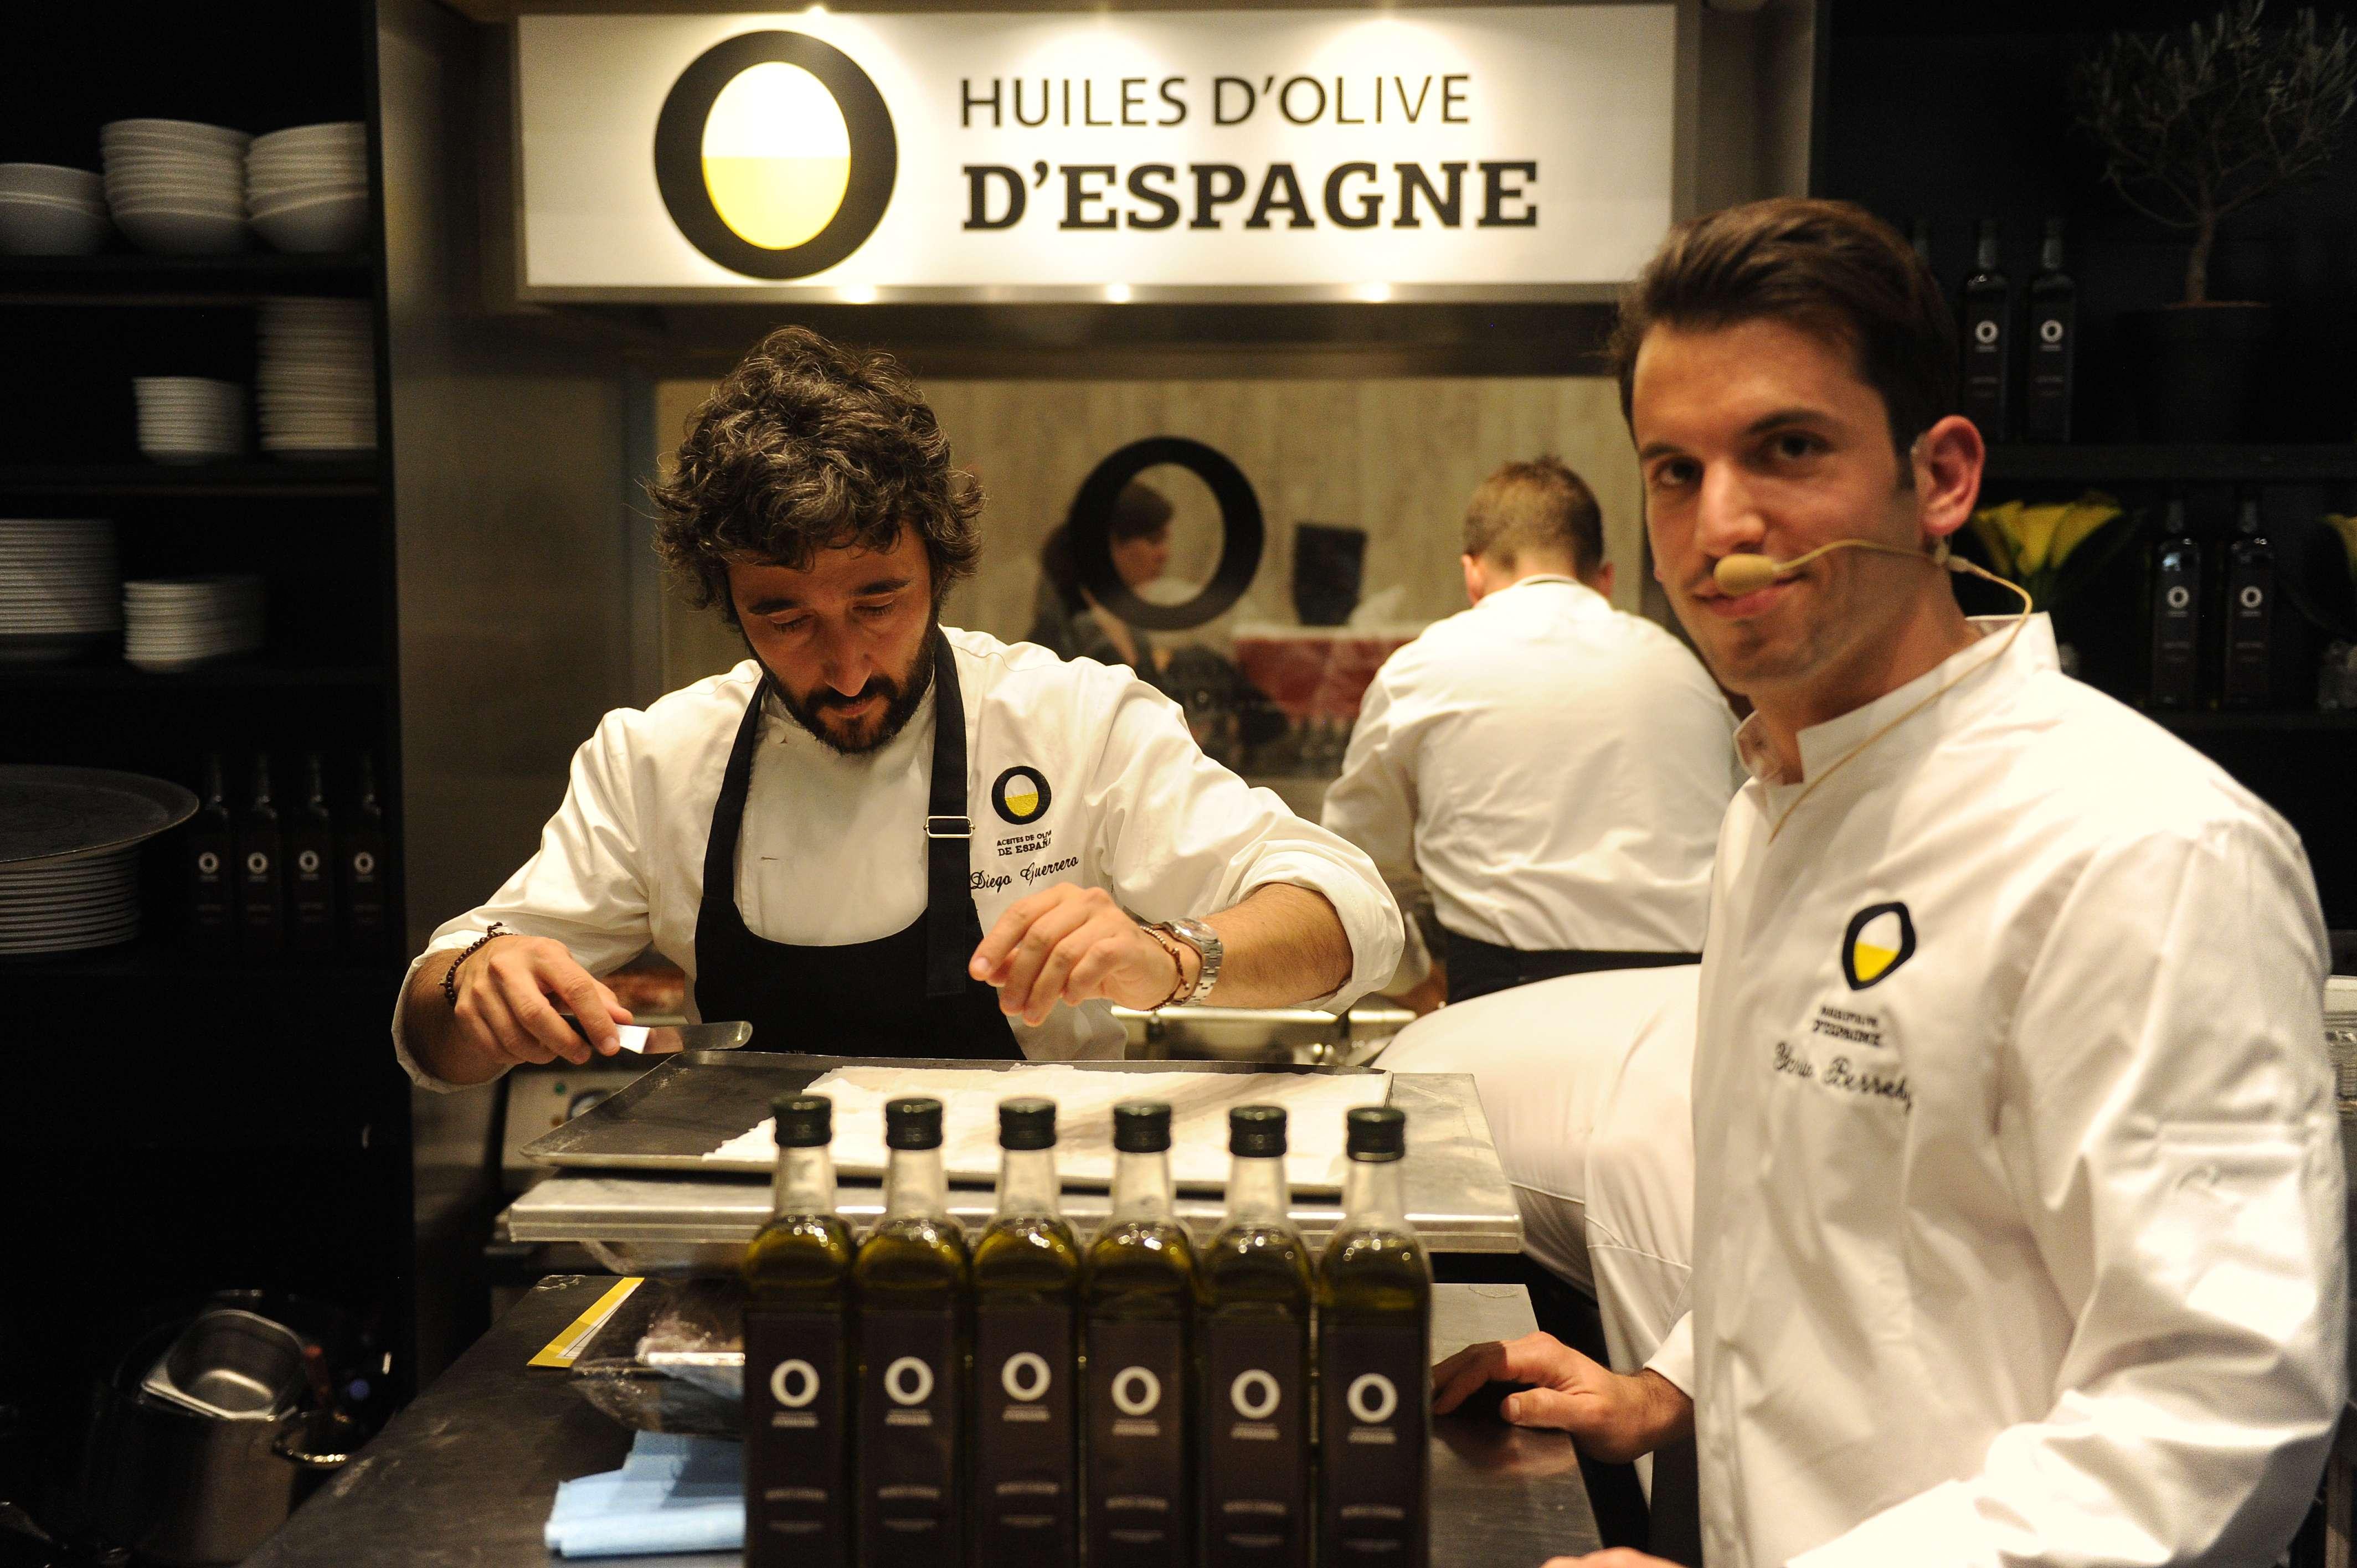 Les huiles d'olive d'Espagne ouvrent à Paris l'ambassade de la bonne vie